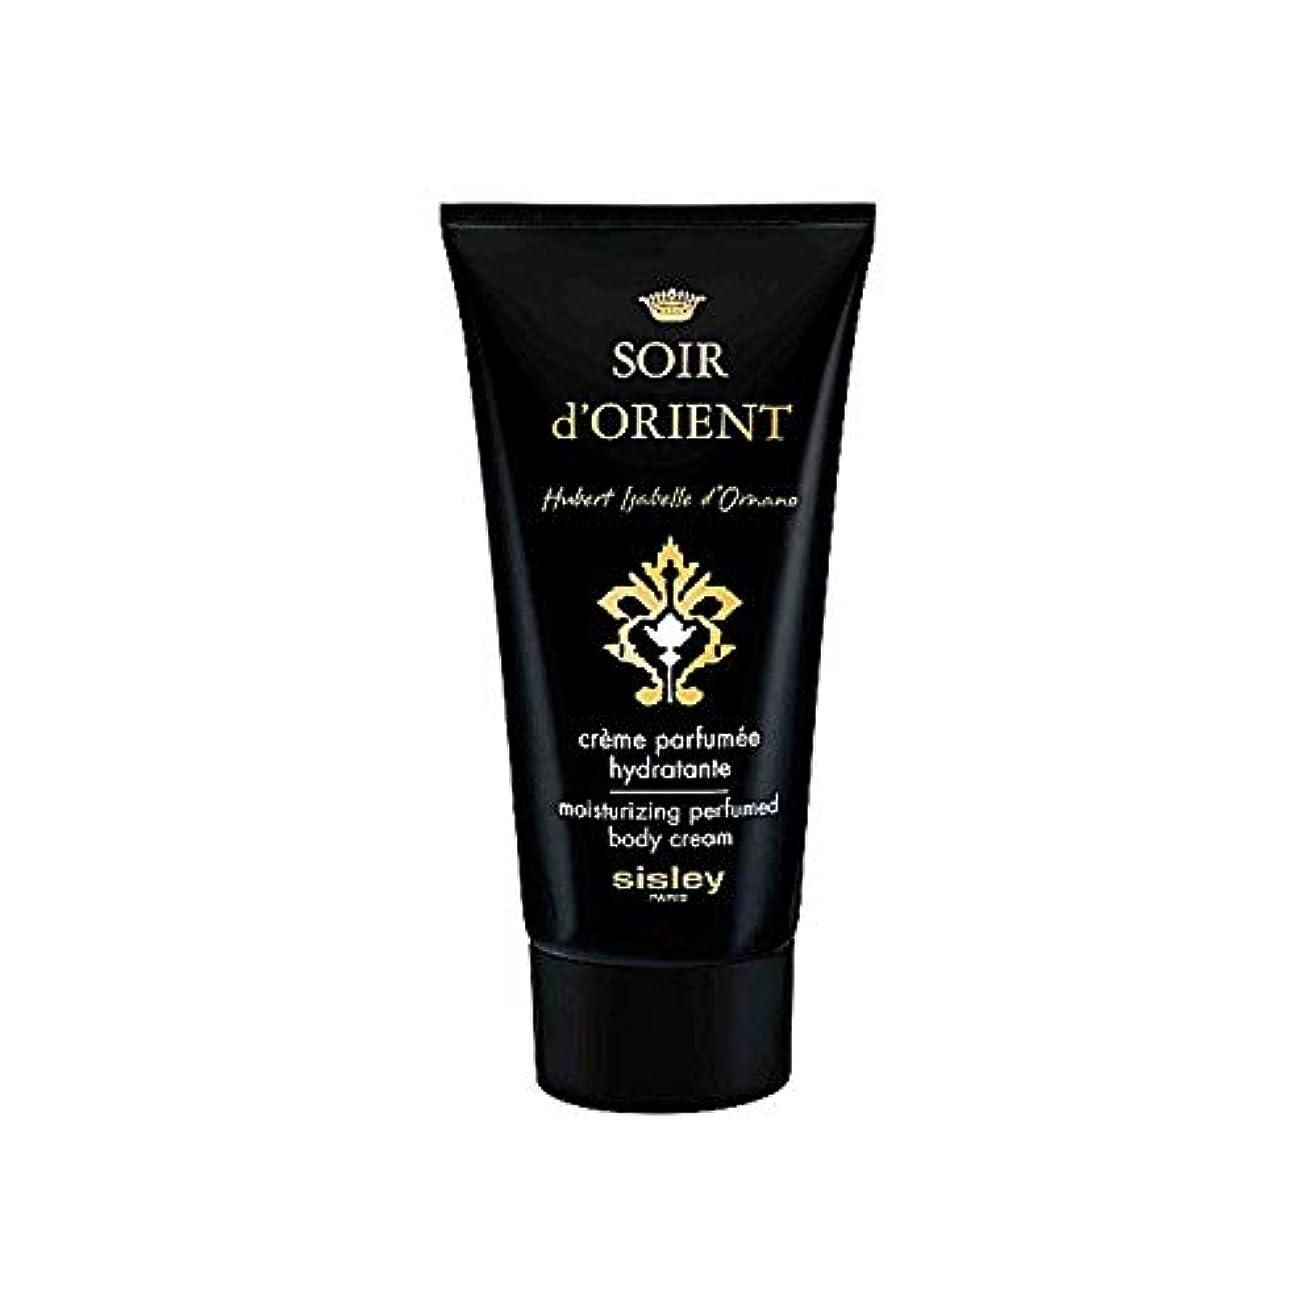 バトル襟ピース[Sisley ] シスレーソワールドールのオリエント香りのボディクリーム150ミリリットル - Sisley Soir D'Orient Perfumed Body Cream 150ml [並行輸入品]